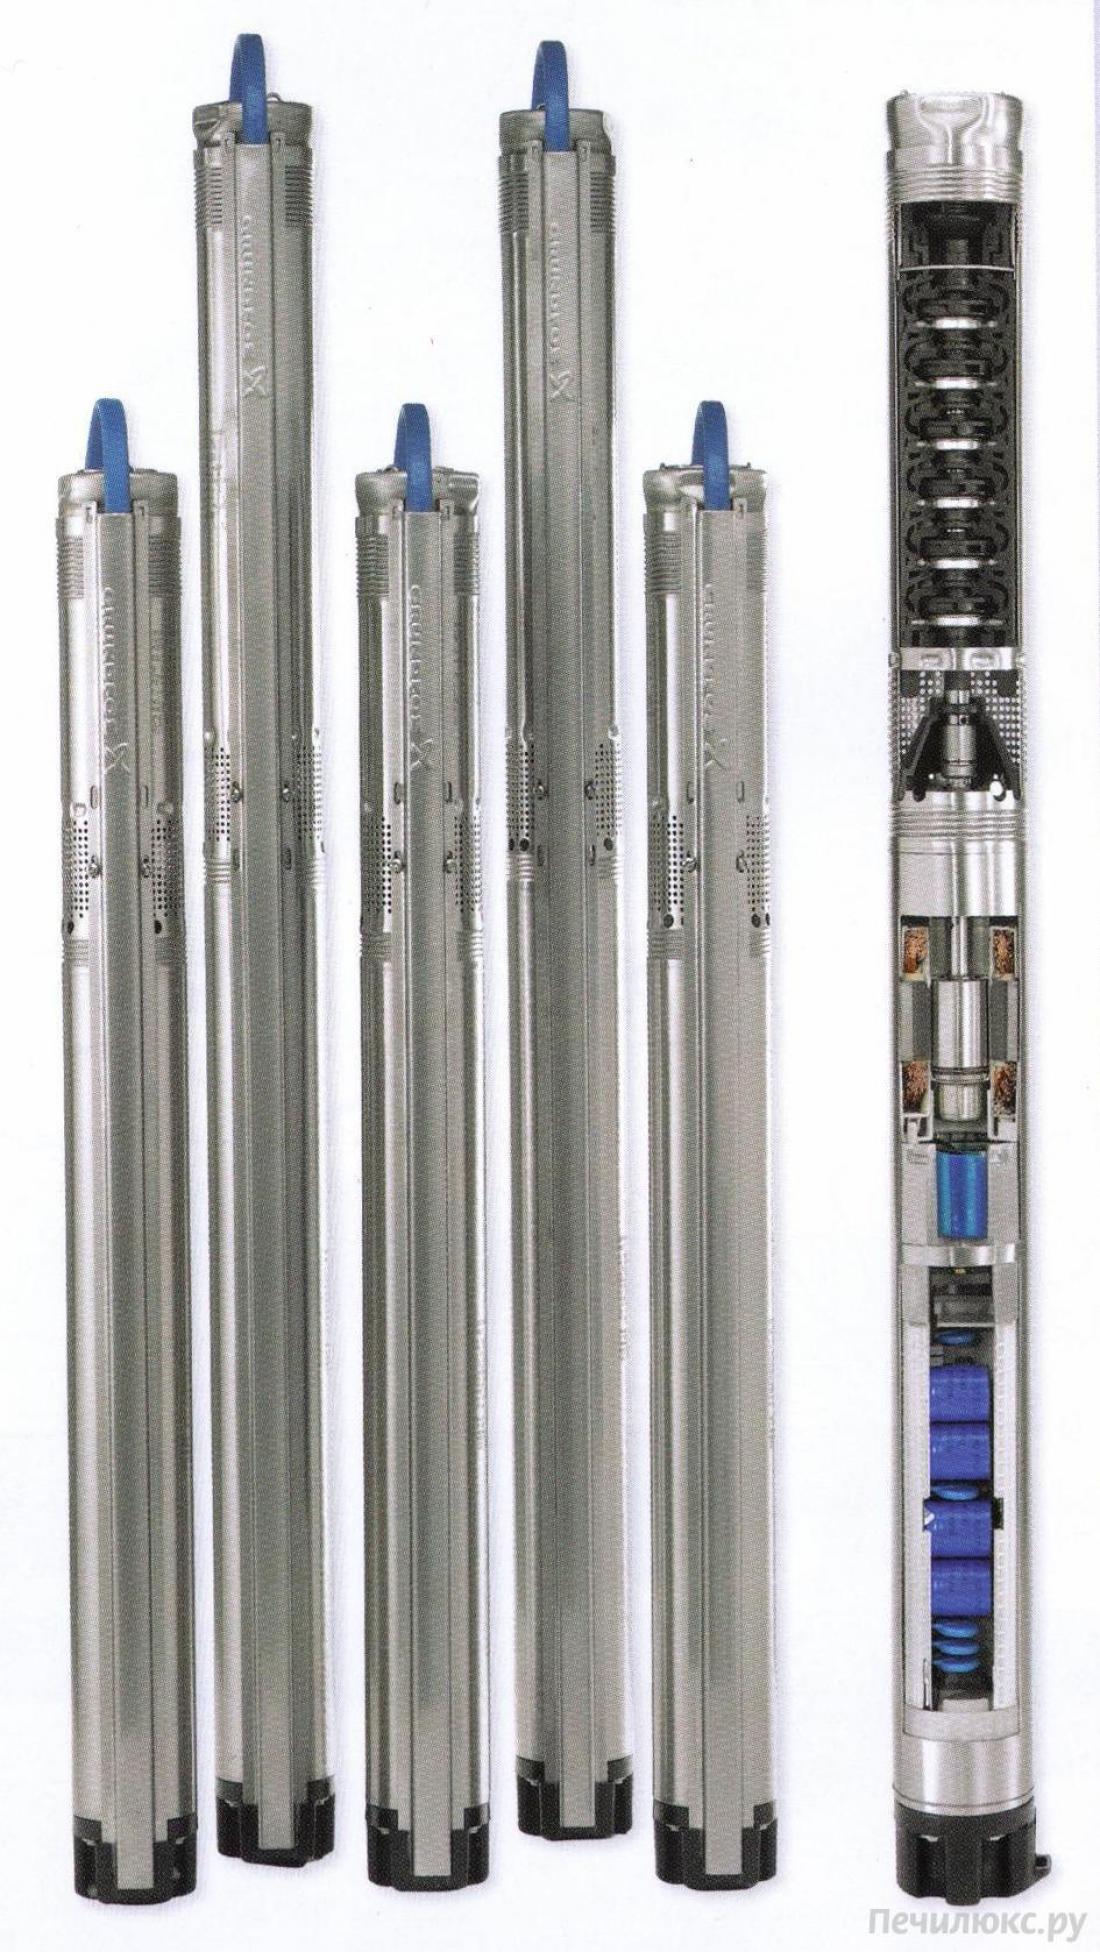 SQ  1-140     1.68kW 200-240V 50/60Hz